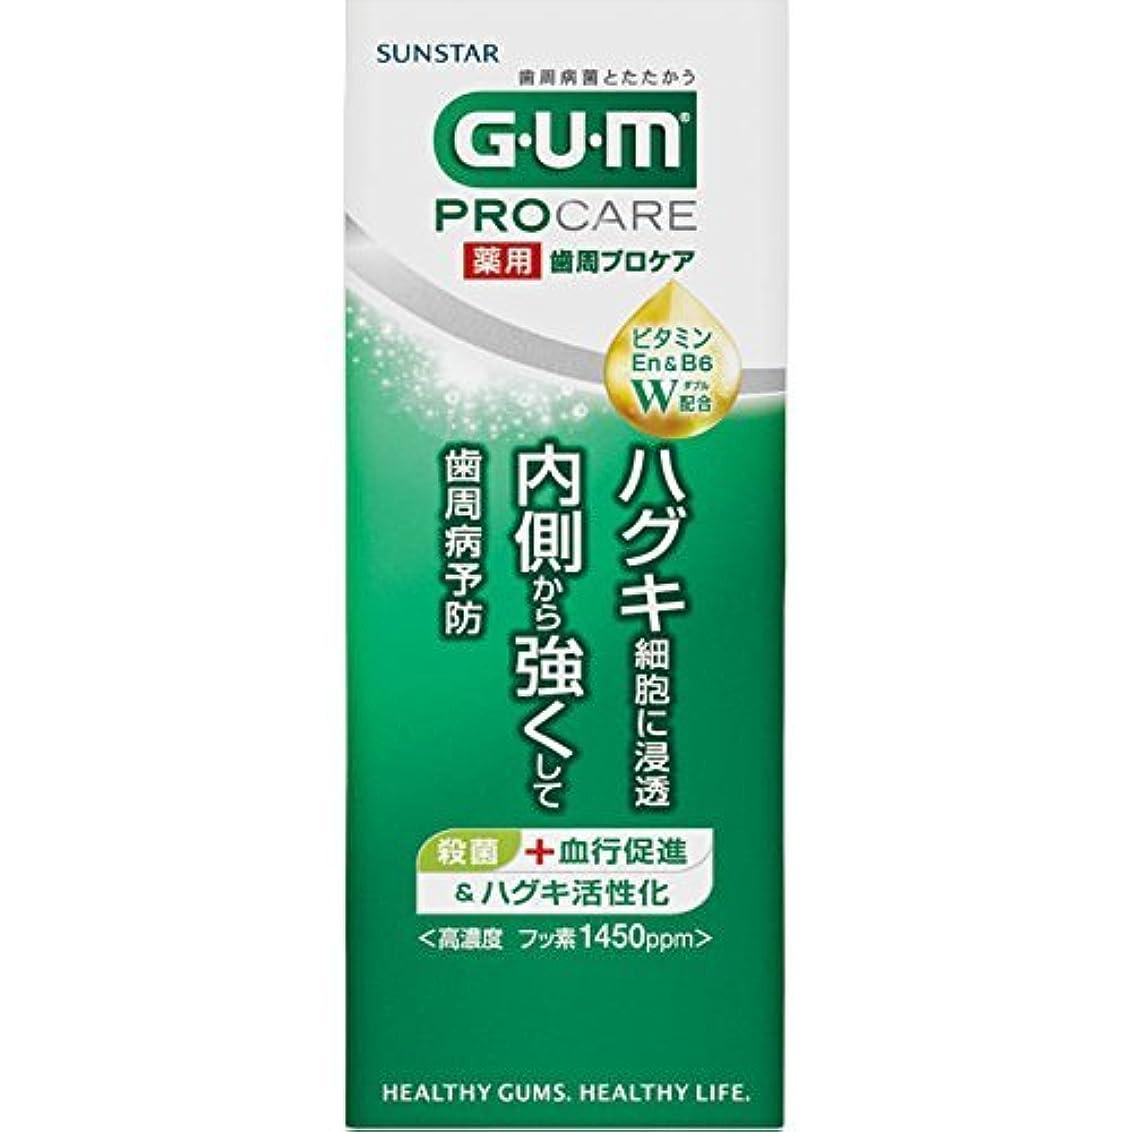 細菌発信ディーラー[医薬部外品] GUM(ガム) 歯周プロケア 歯みがき 50g <歯周病予防 ハグキケア 高濃度フッ素配合1,450ppm>